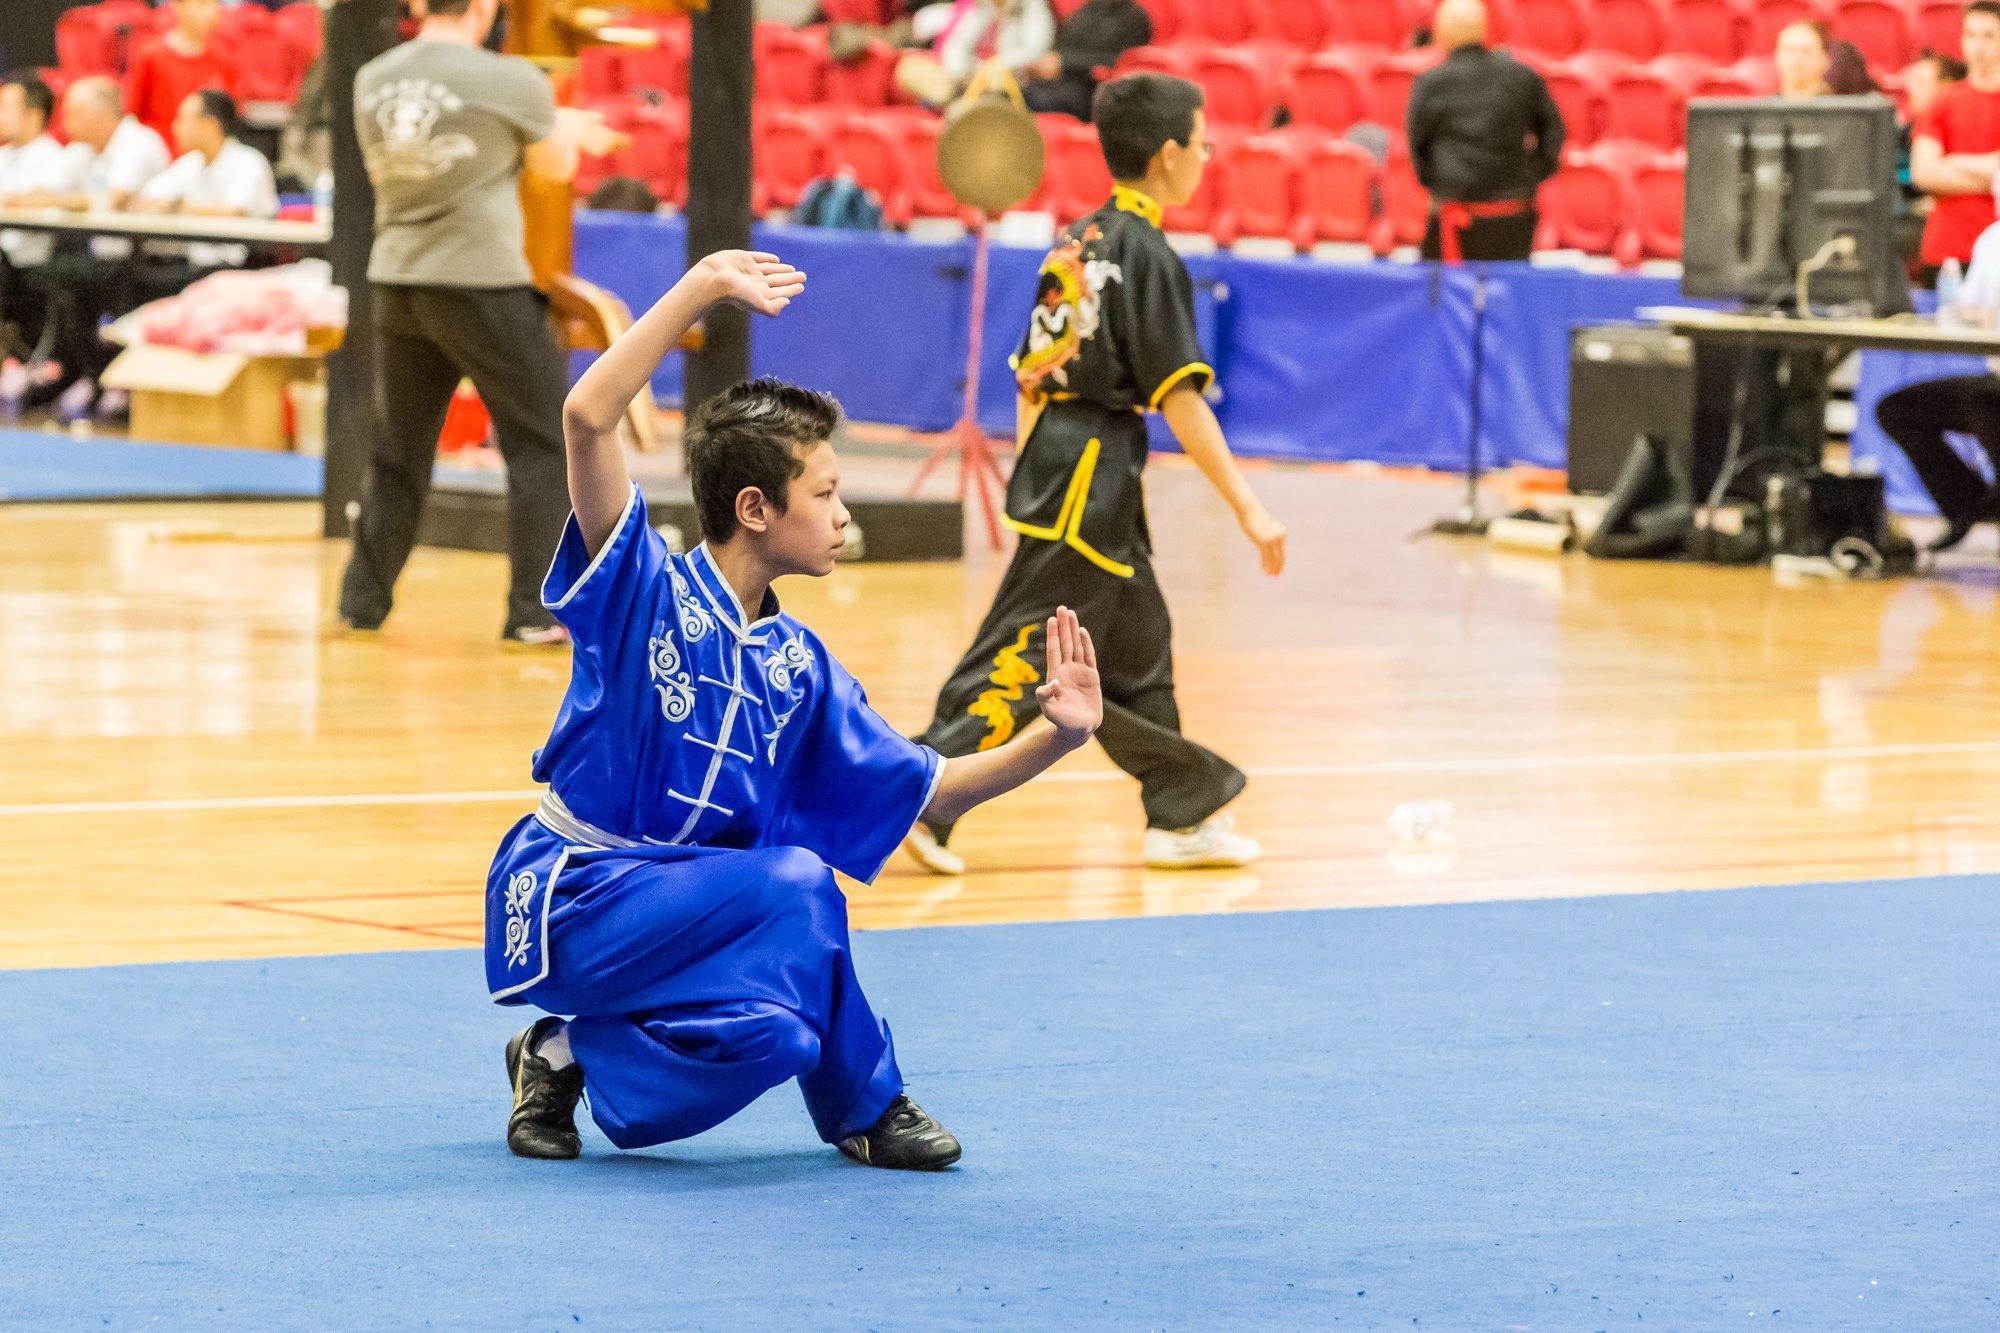 wayland-li-wushu-toronto-markham-canadian-wushu-championships-2017-changquan-32.jpg